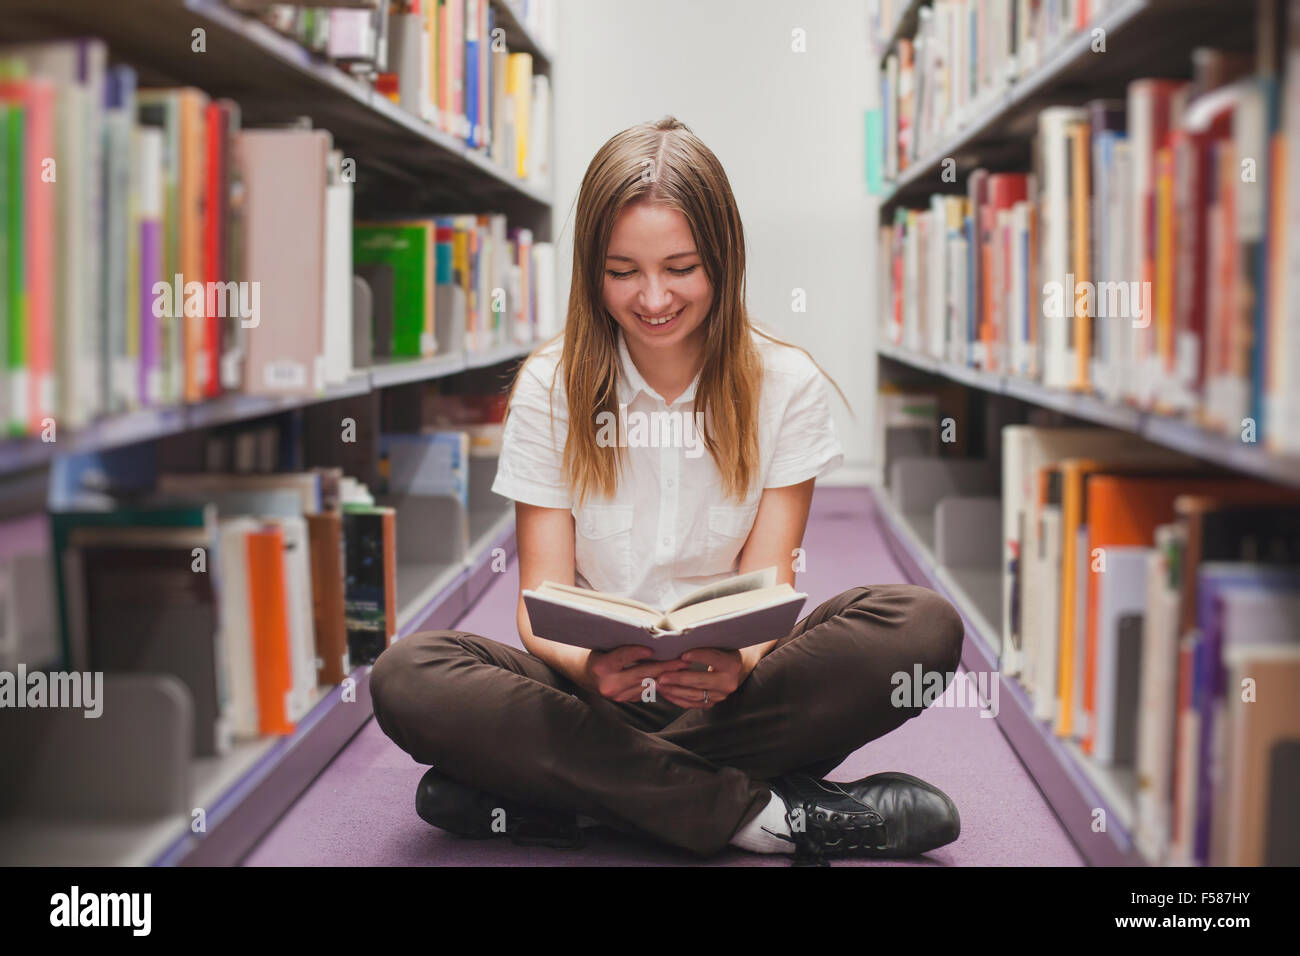 Mädchen lesen in der Bibliothek, lächelt glücklich student Stockbild